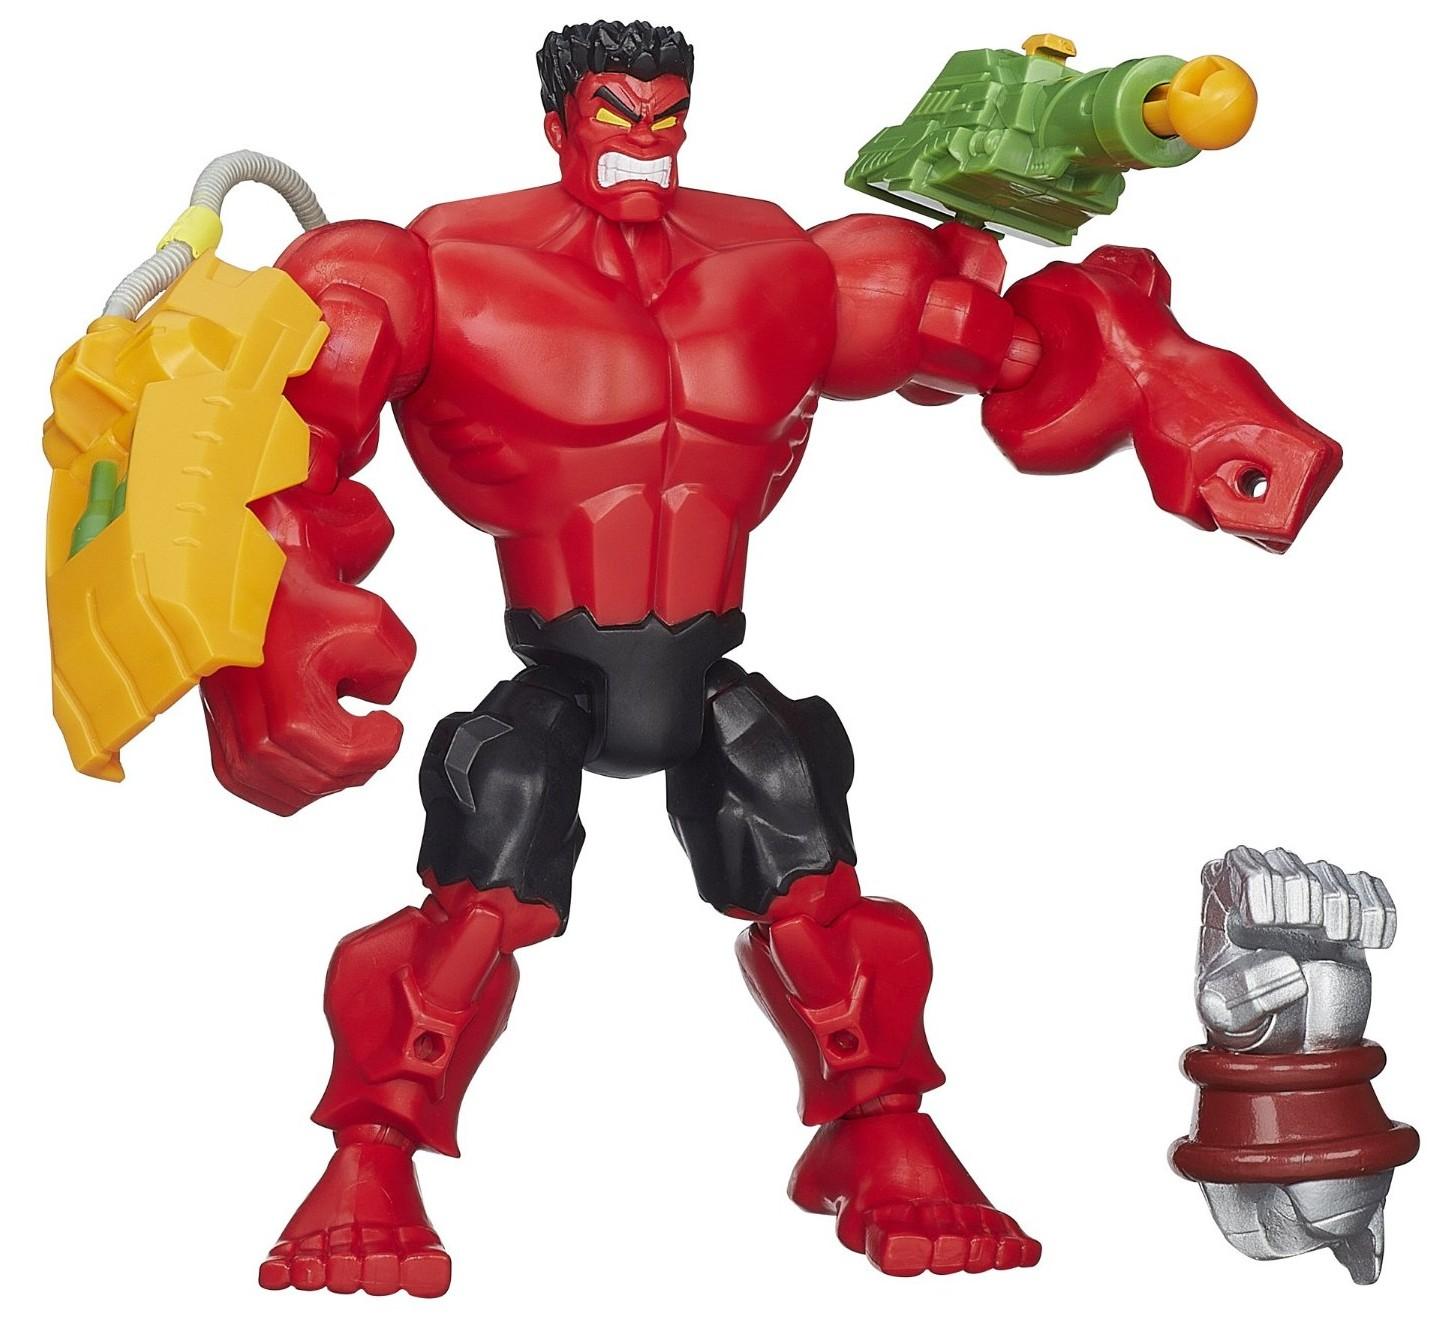 marvel mashers deadpool red hulk figures released marvel toy news. Black Bedroom Furniture Sets. Home Design Ideas